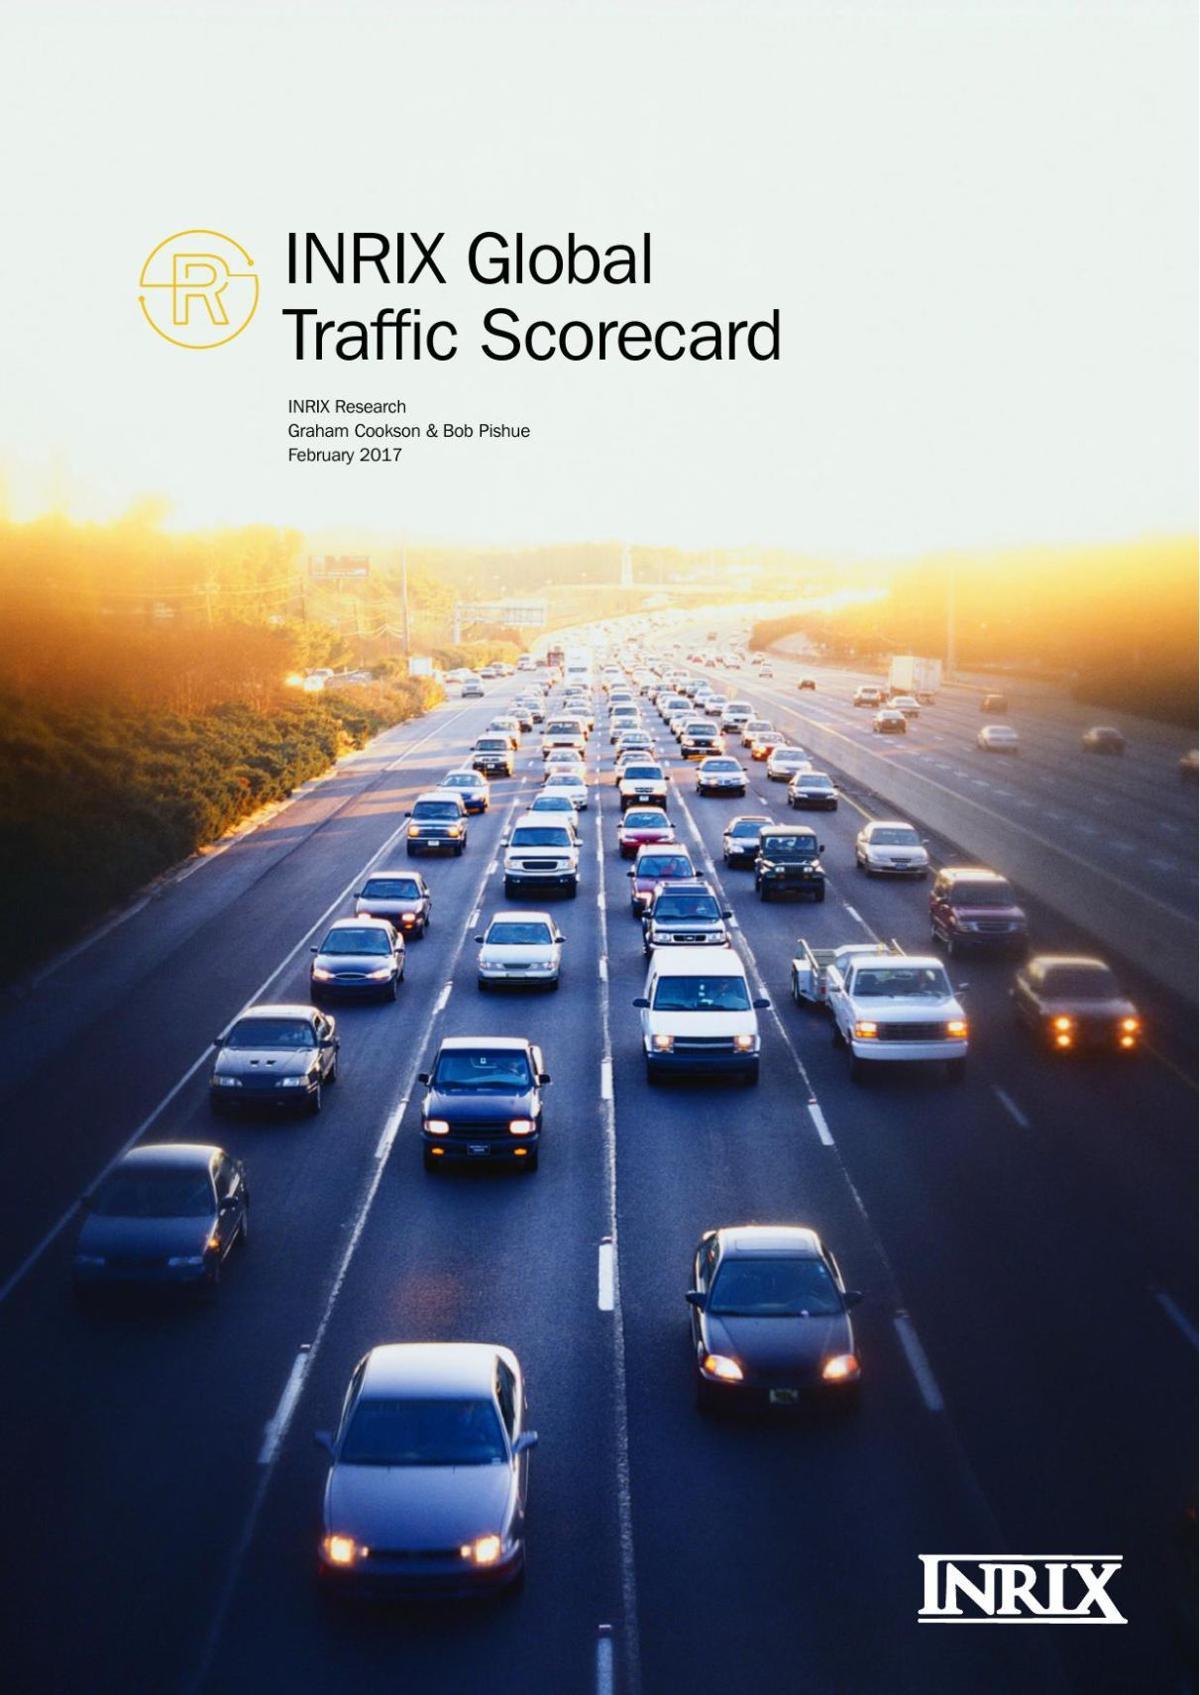 Global Traffic Scorecard